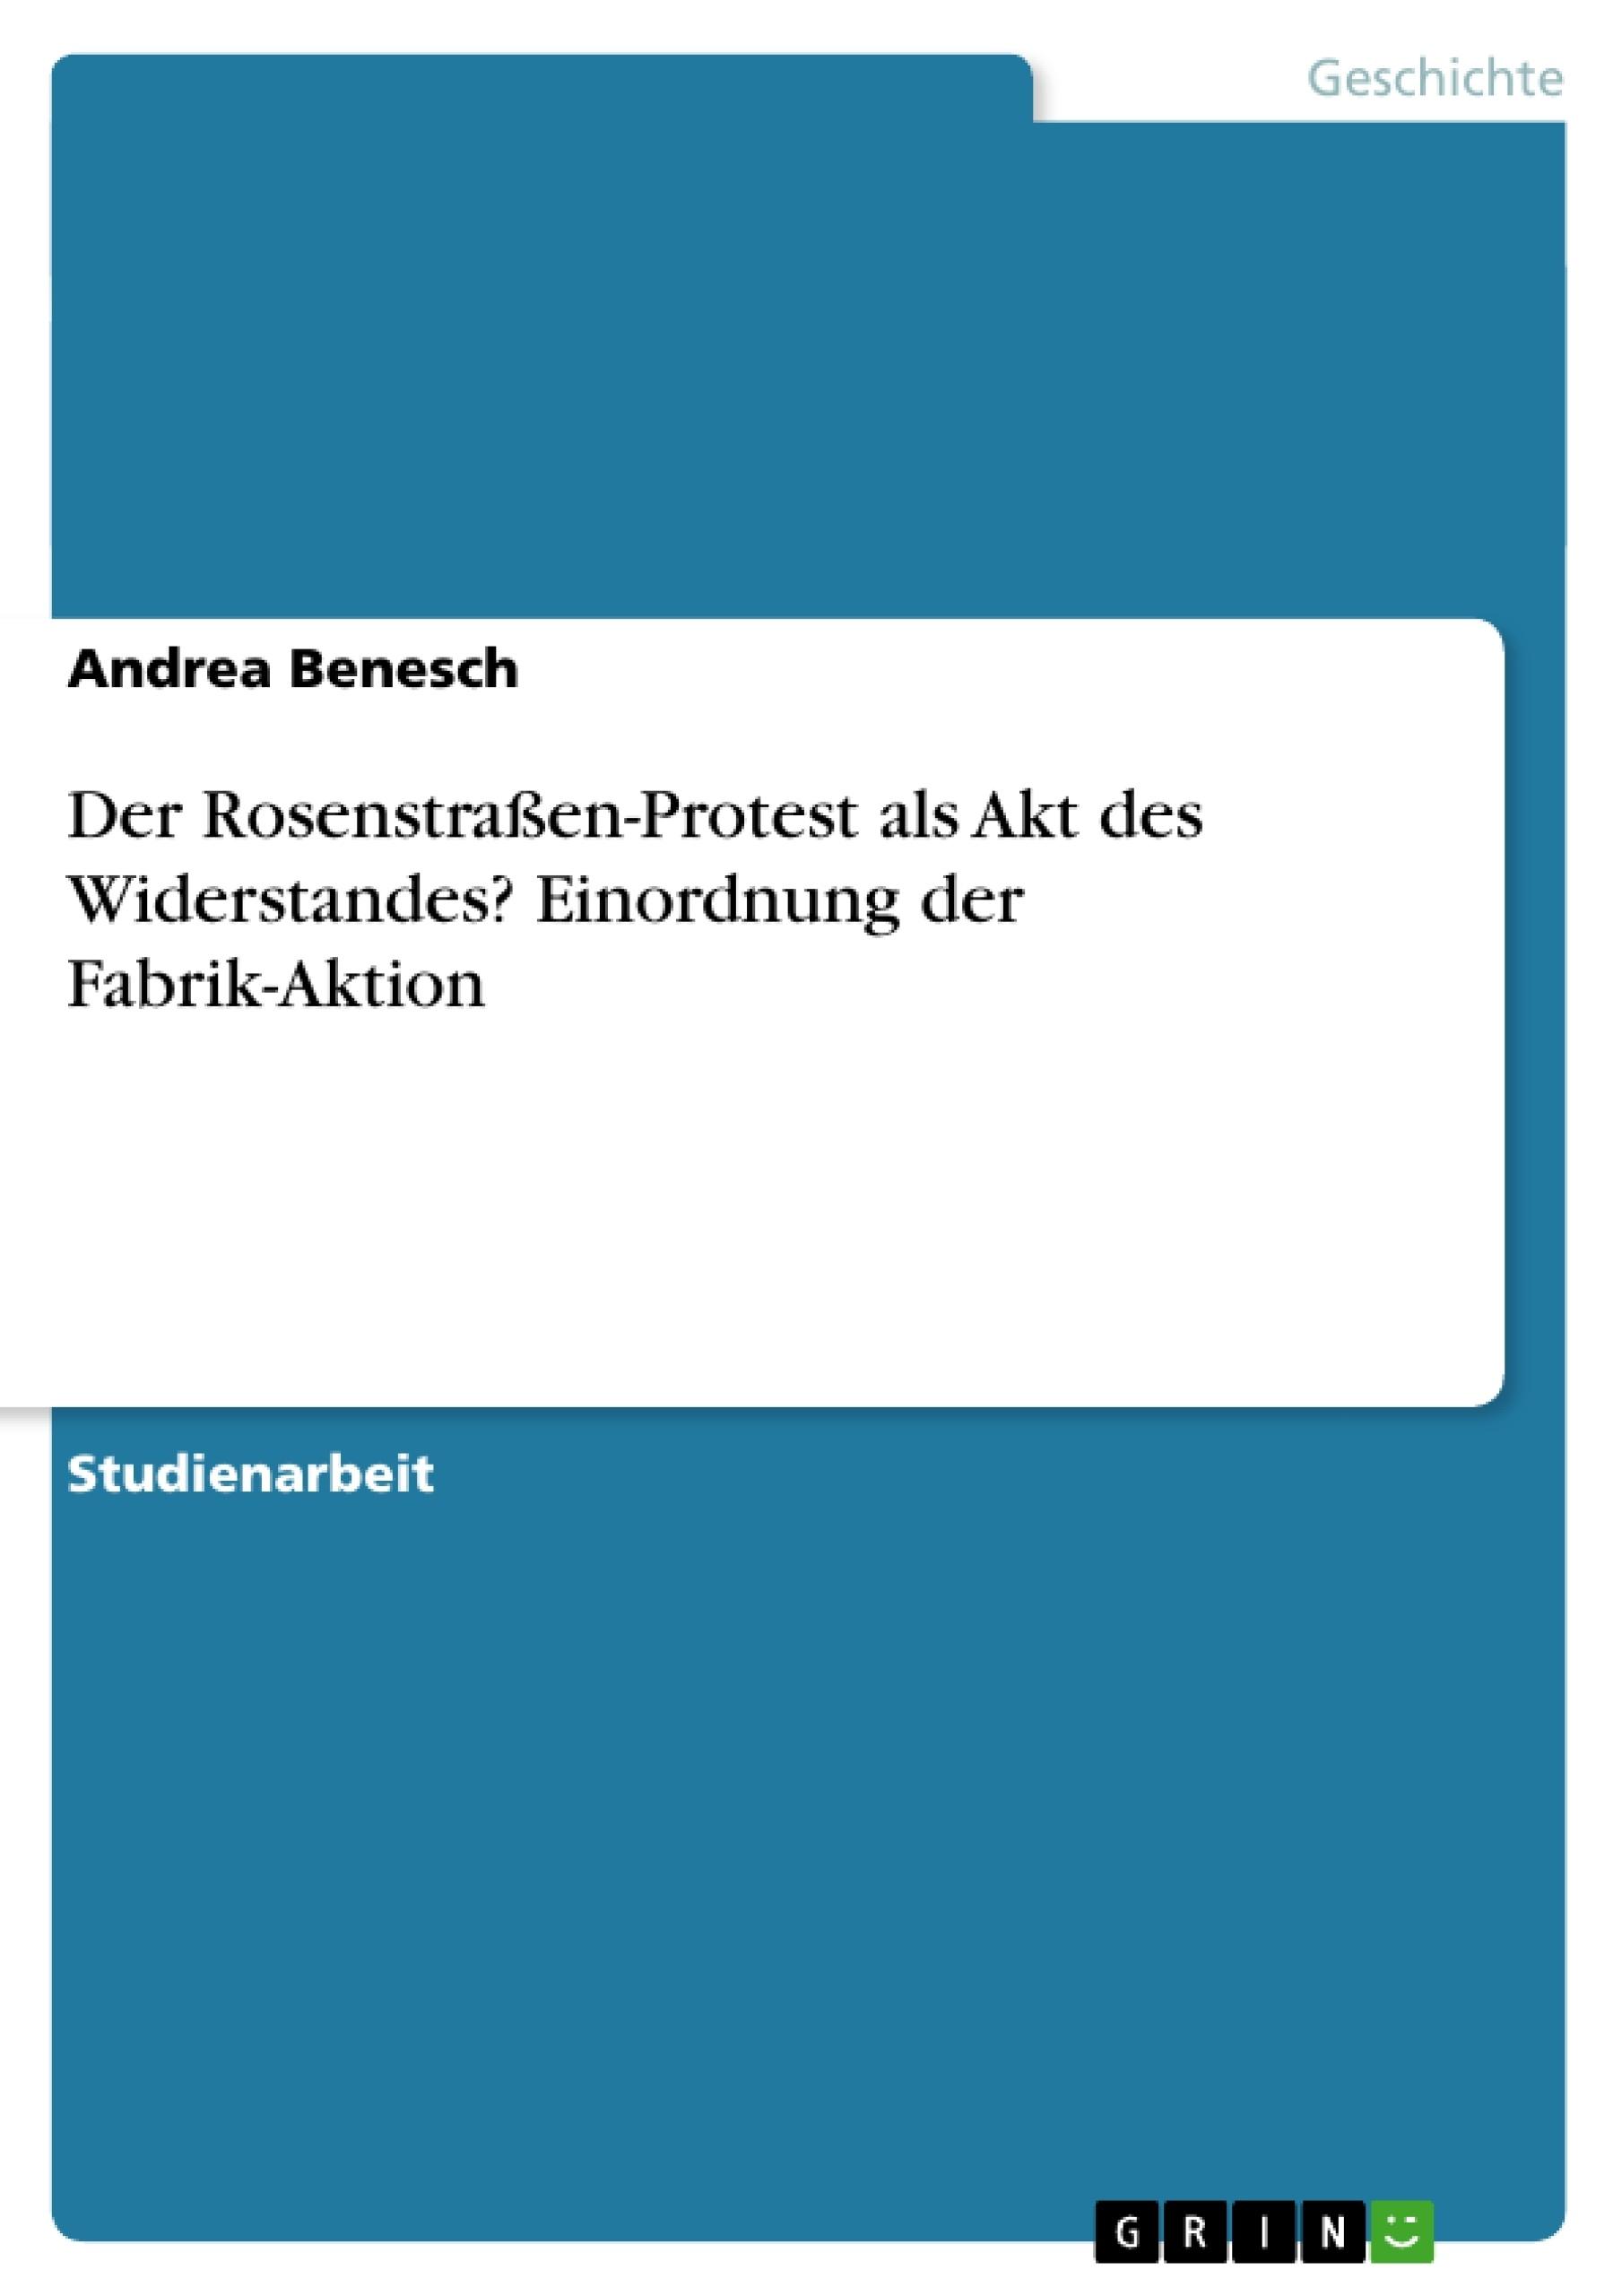 Titel: Der Rosenstraßen-Protest als Akt des Widerstandes? Einordnung der Fabrik-Aktion